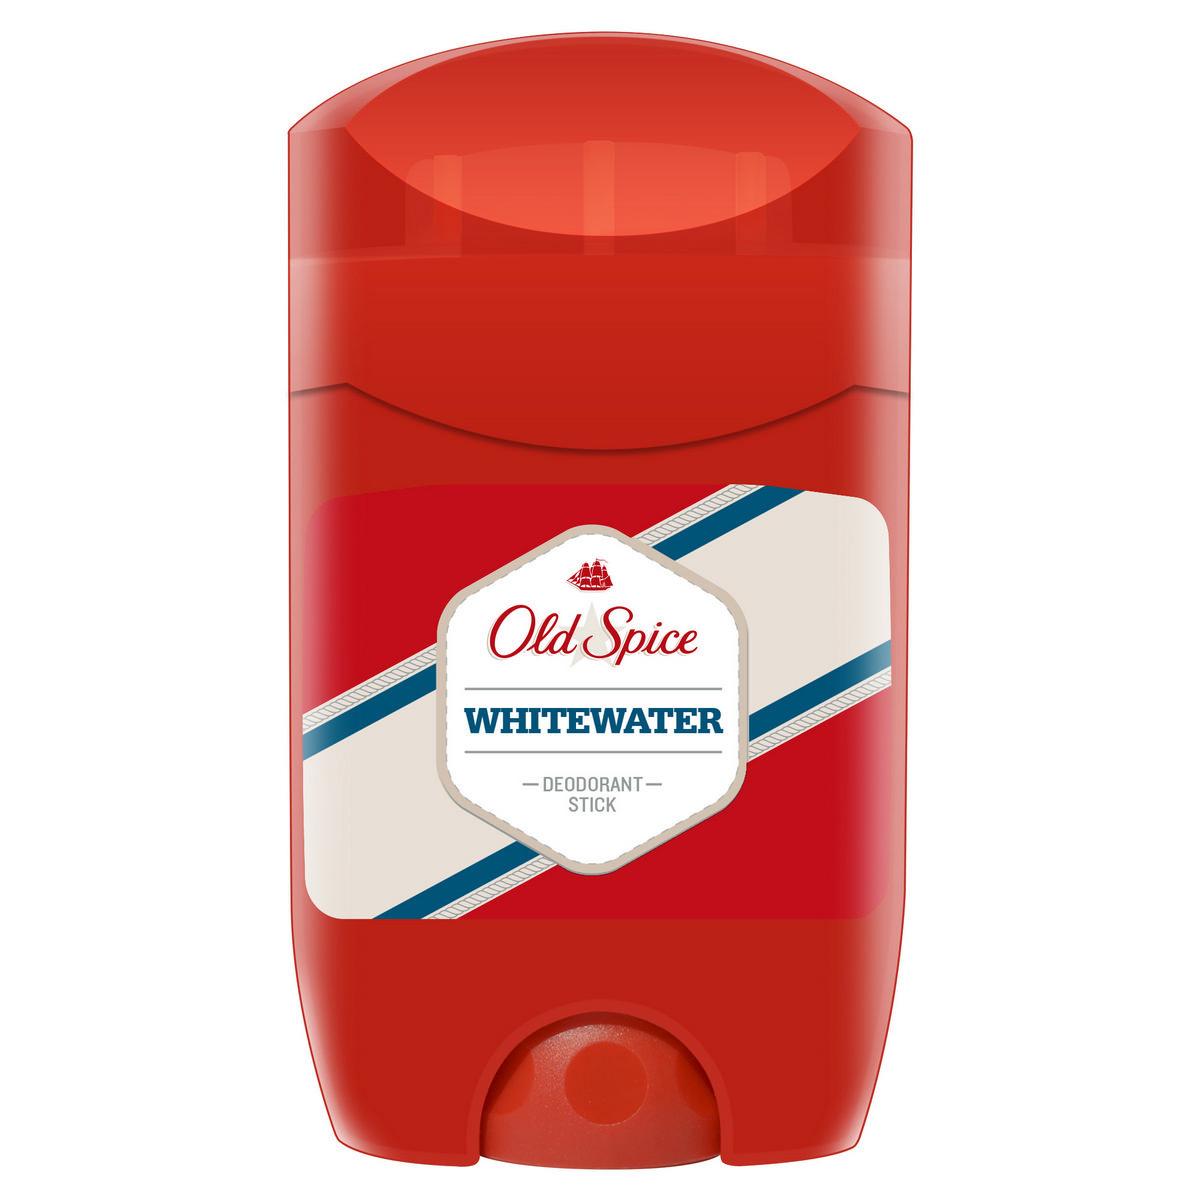 OLD SPICE Твердый дезодорант WhiteWater 50 млOS-81502515Многие считают, что вода - самый мощный элемент на земле. Считают-то, конечно, многие, но все они неправы, так как вода, во-первых, не элемент, а во-вторых, Уран – 235 куда как мощнее. Тем не менее, если верить ученым, Old Spice Whitewater обладает самым свежим запахом, и в этом они абсолютно правы. Ну, по крайней мере те, кто следит за собой. Дезодорант Old Spice поможет тебе избавиться от неприятного запаха. Попробуй Old Spice уже сегодня и докажи, что его аромат — тот самый секретный компонент эликсира мужественности.